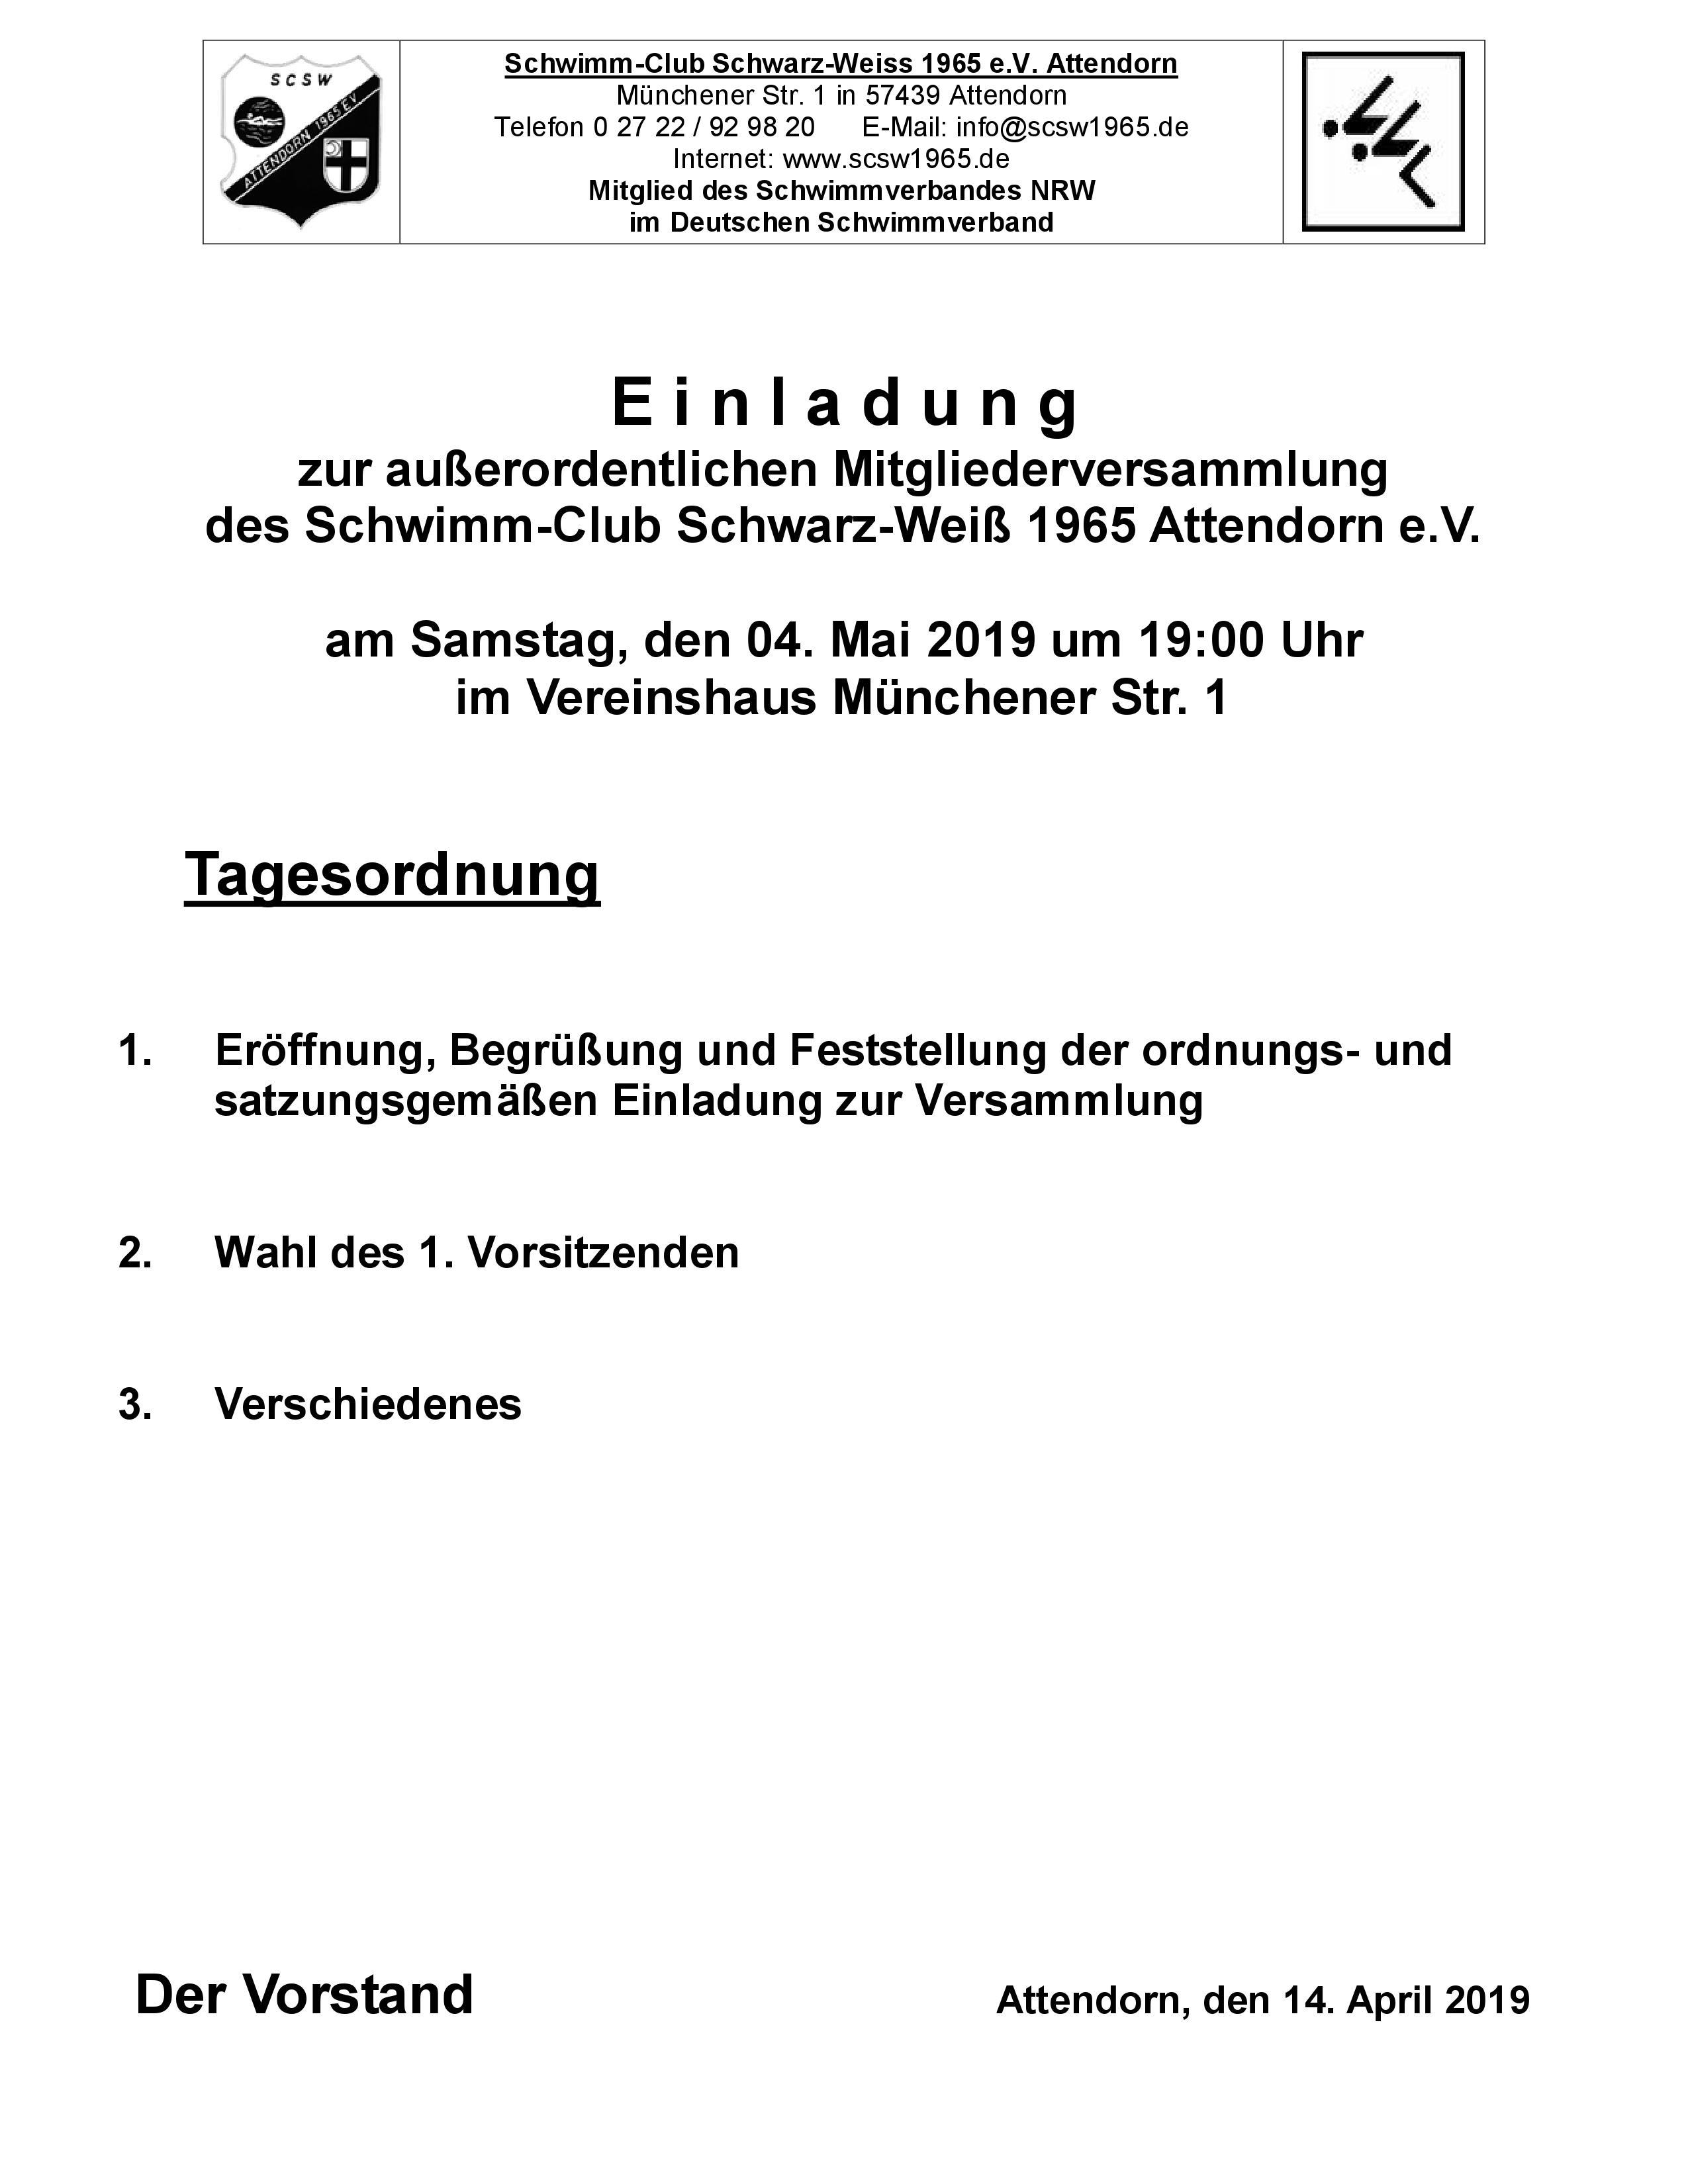 Einladung Zur Ausserordentlichen Mitgleiderversammlung Scsw Attendorn 1965 E V